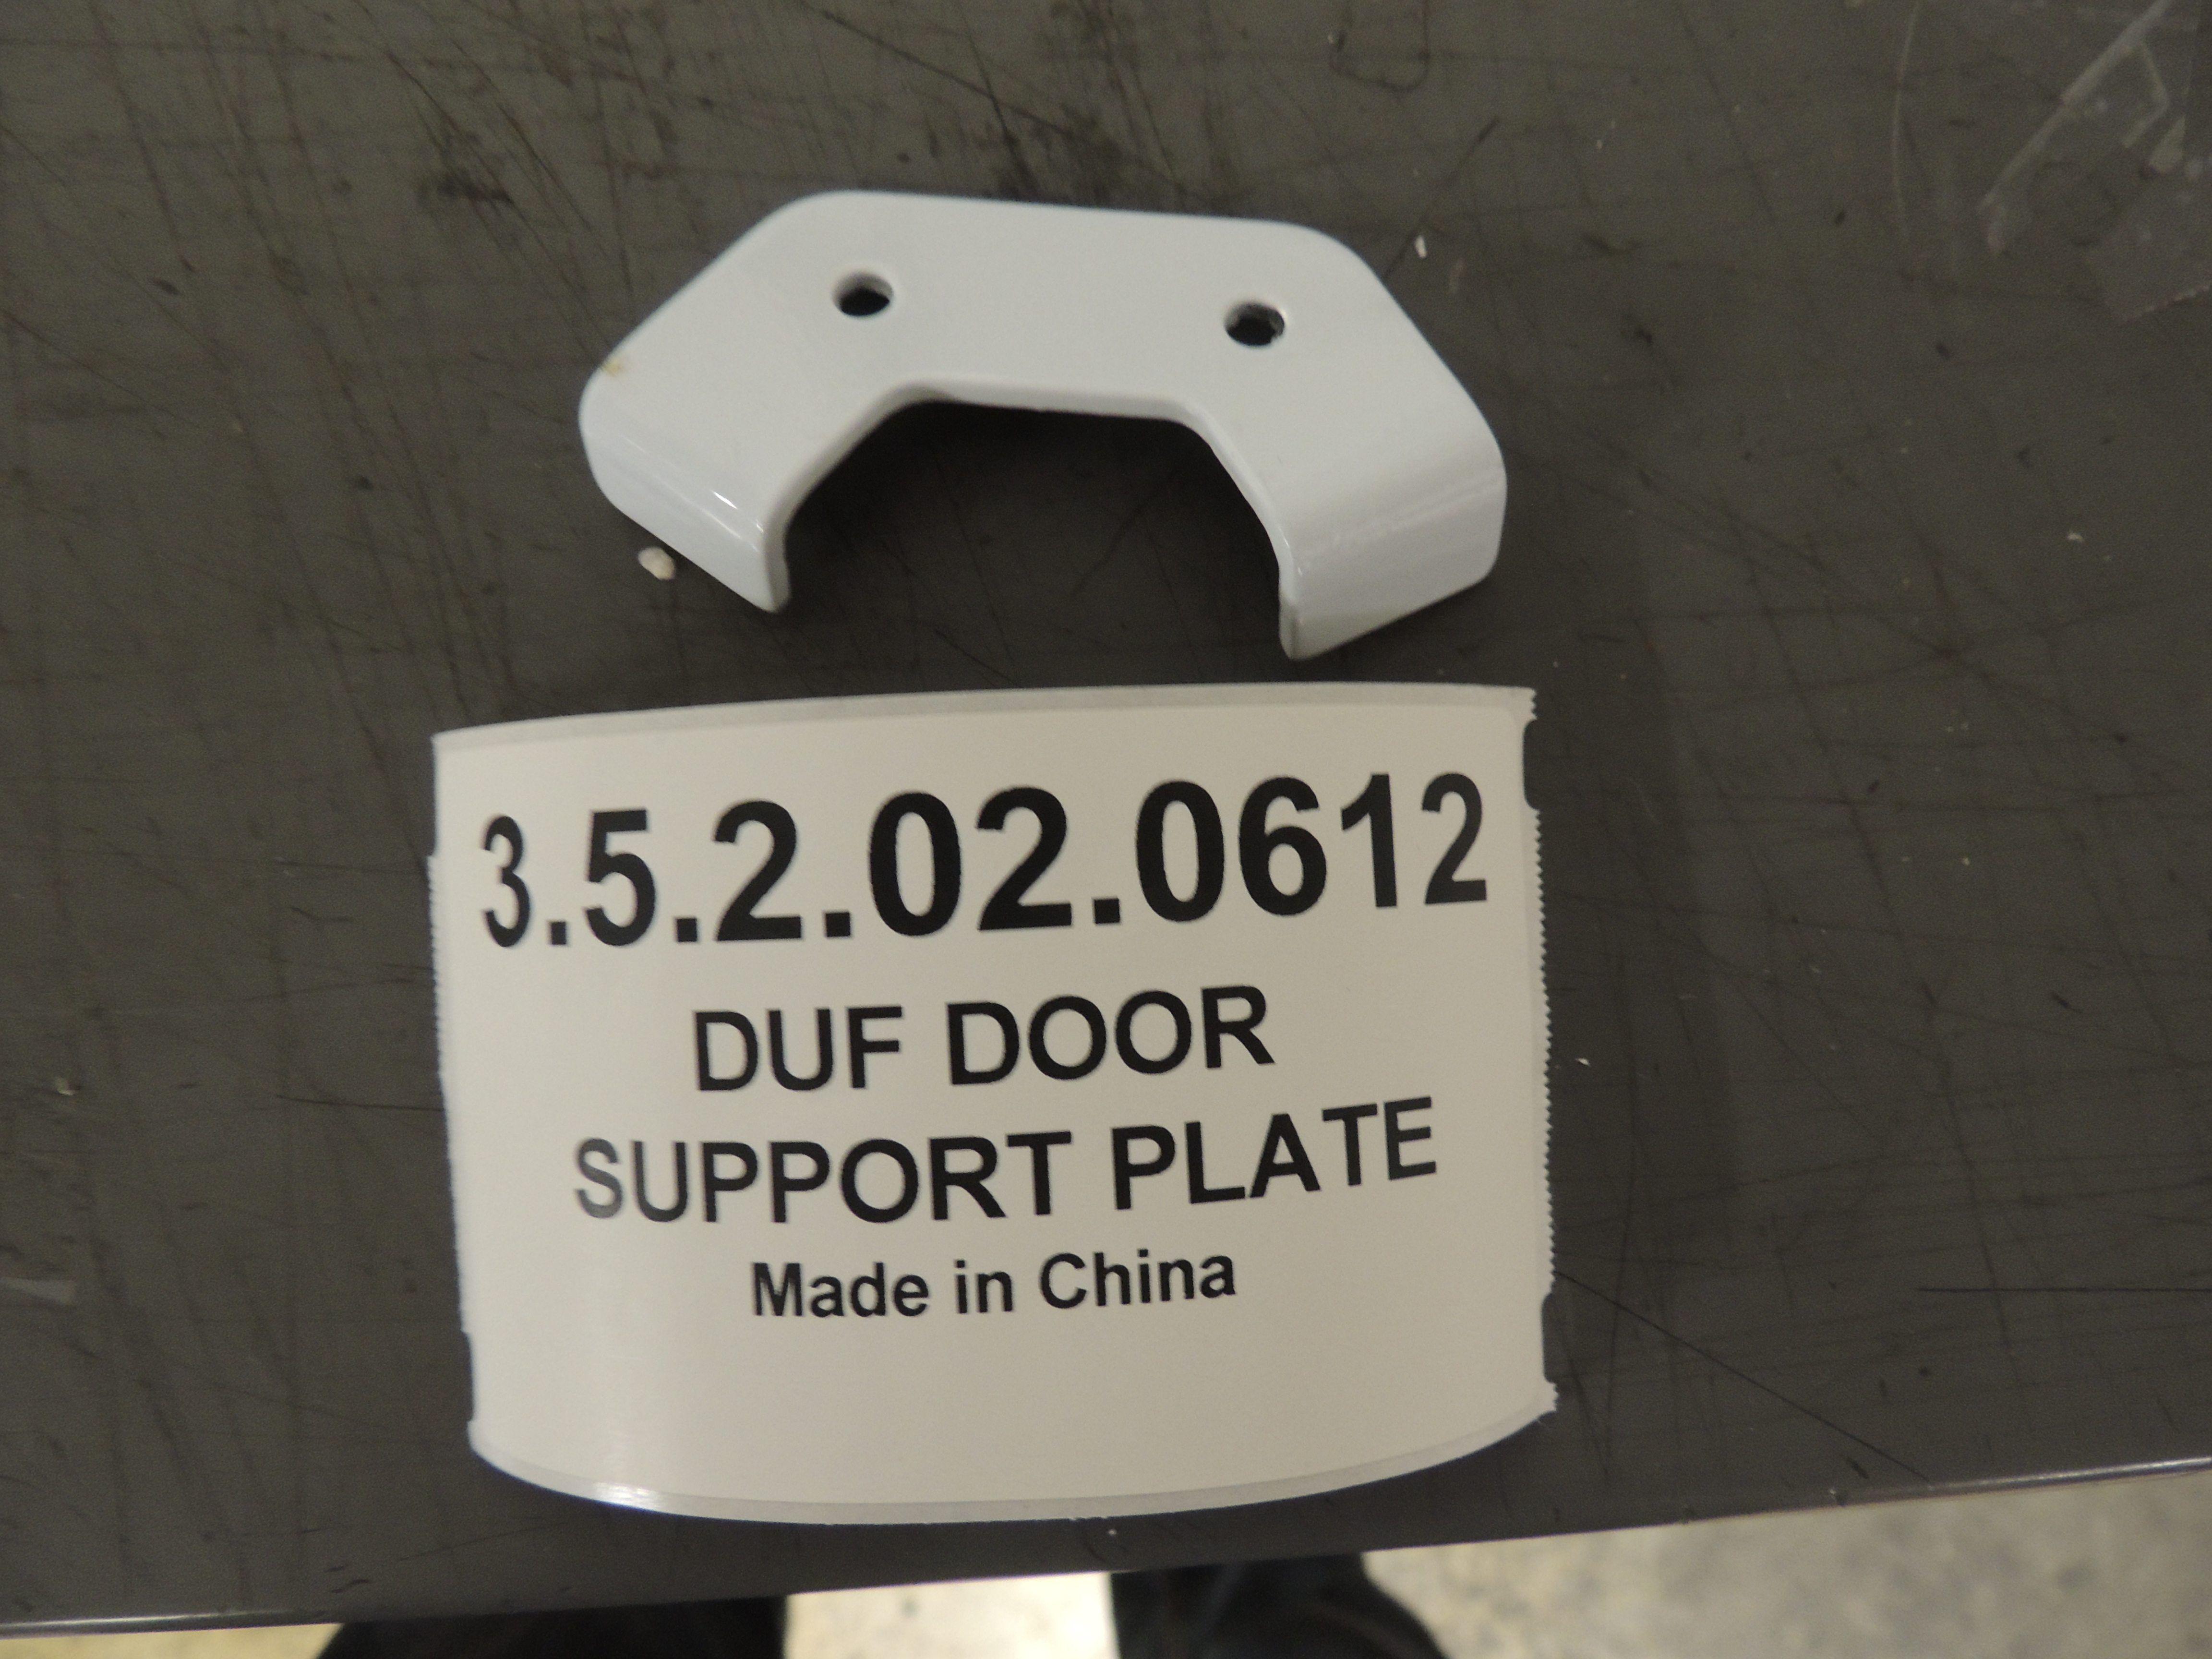 DUF DOOR SUPPORT PLATE